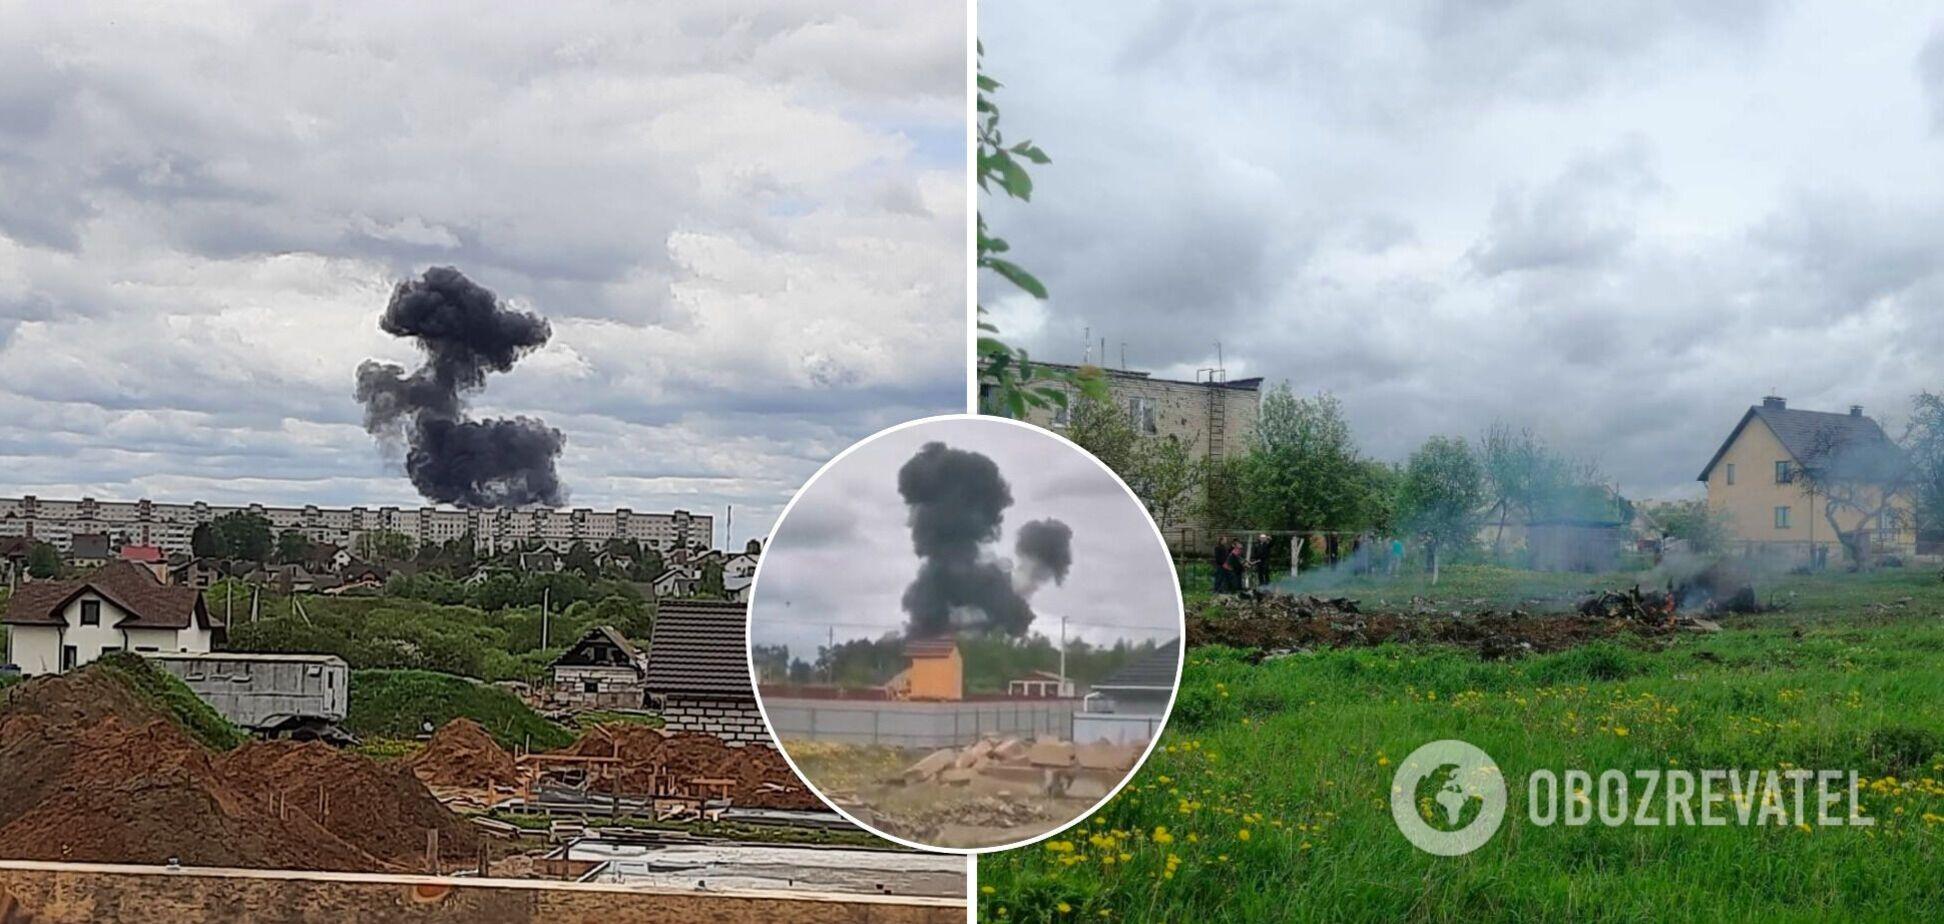 У Білорусі впав бойовий літак: загинули обидва льотчики. Відео